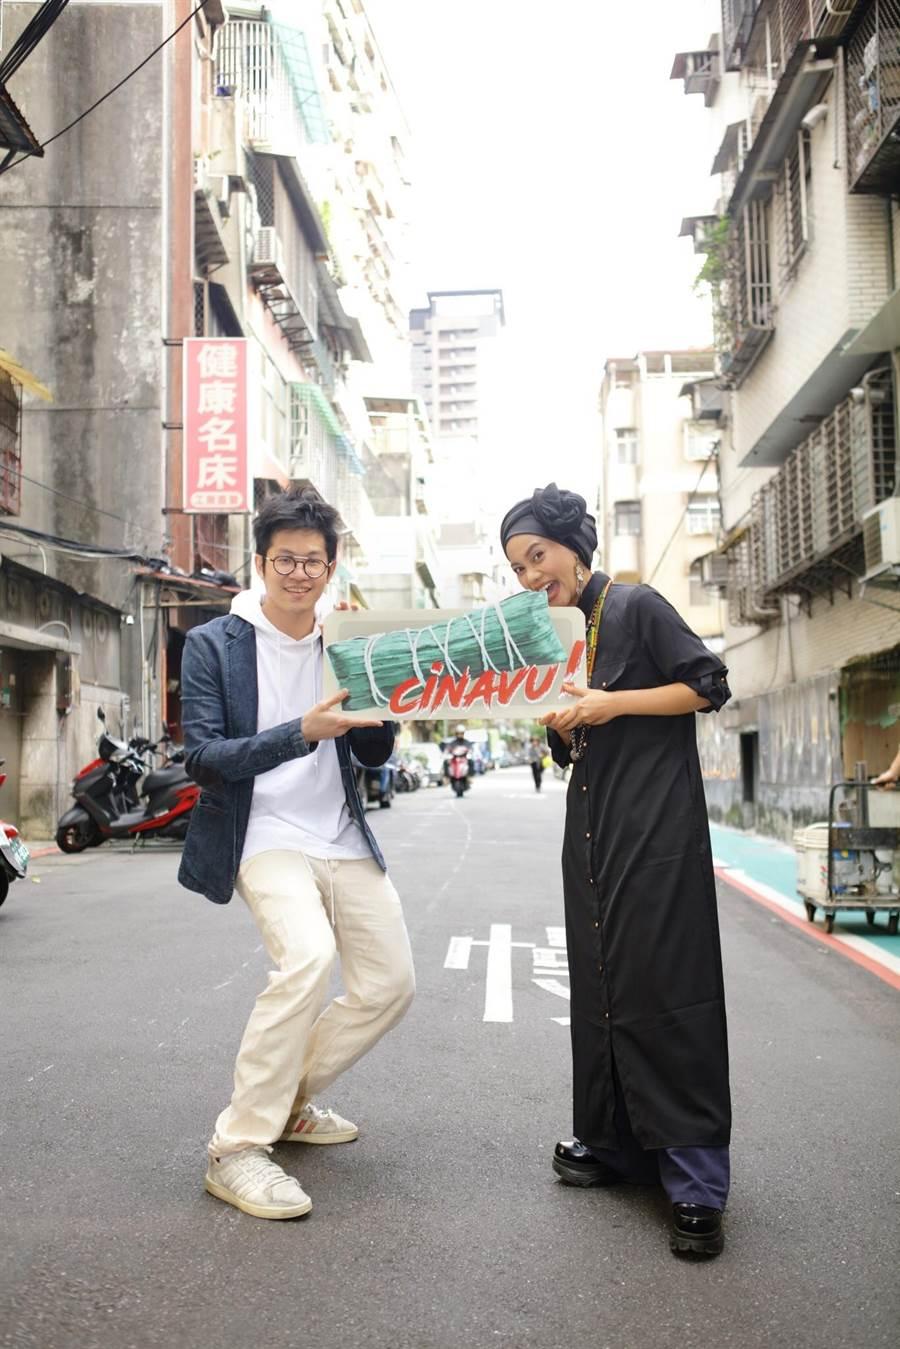 阿爆和製作人黃少雍(左)開心舉著排灣族的傳統美食「cinavu」,象徵「暴富」好運。(那屋瓦文化提供)